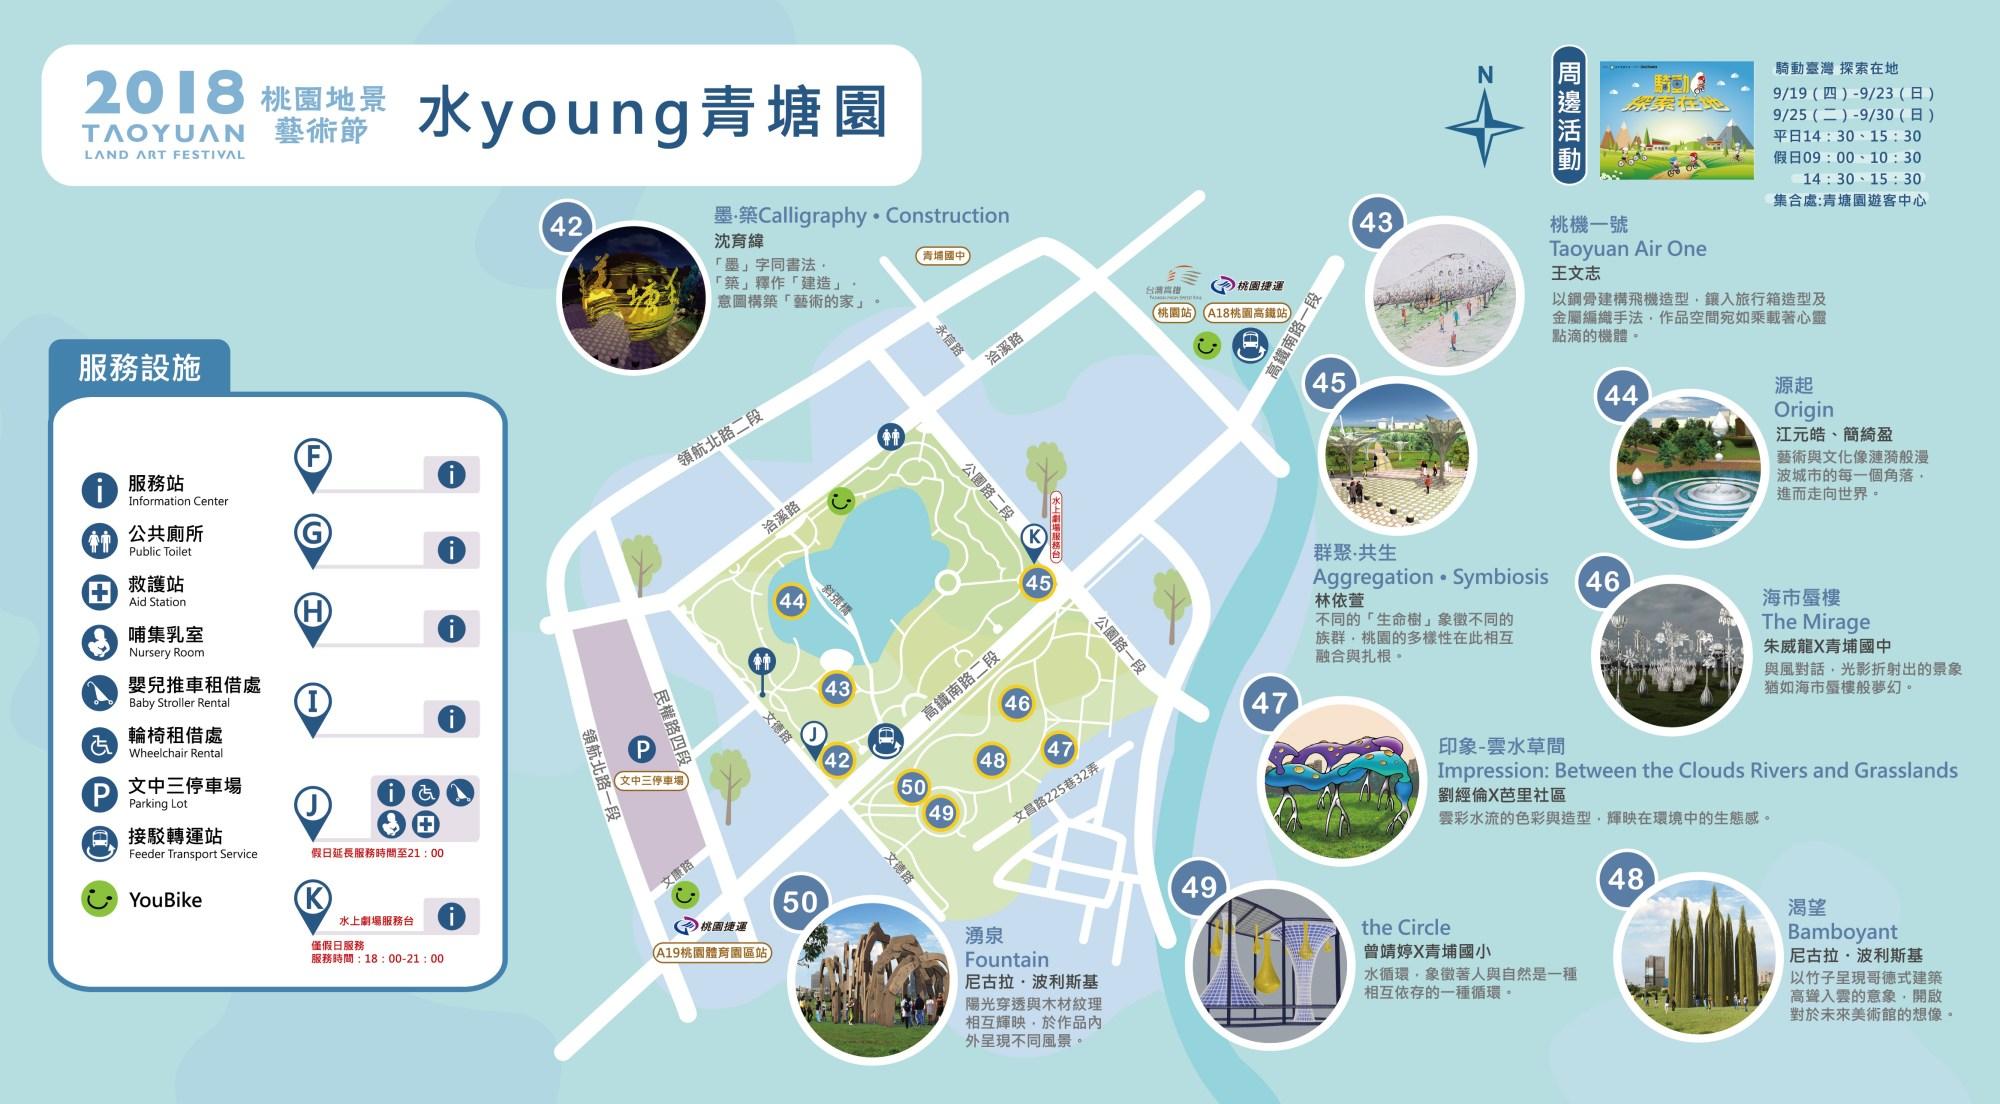 ◆2018桃園地景藝術節園區地圖(水young青塘園)/桃園青埔青塘園展區